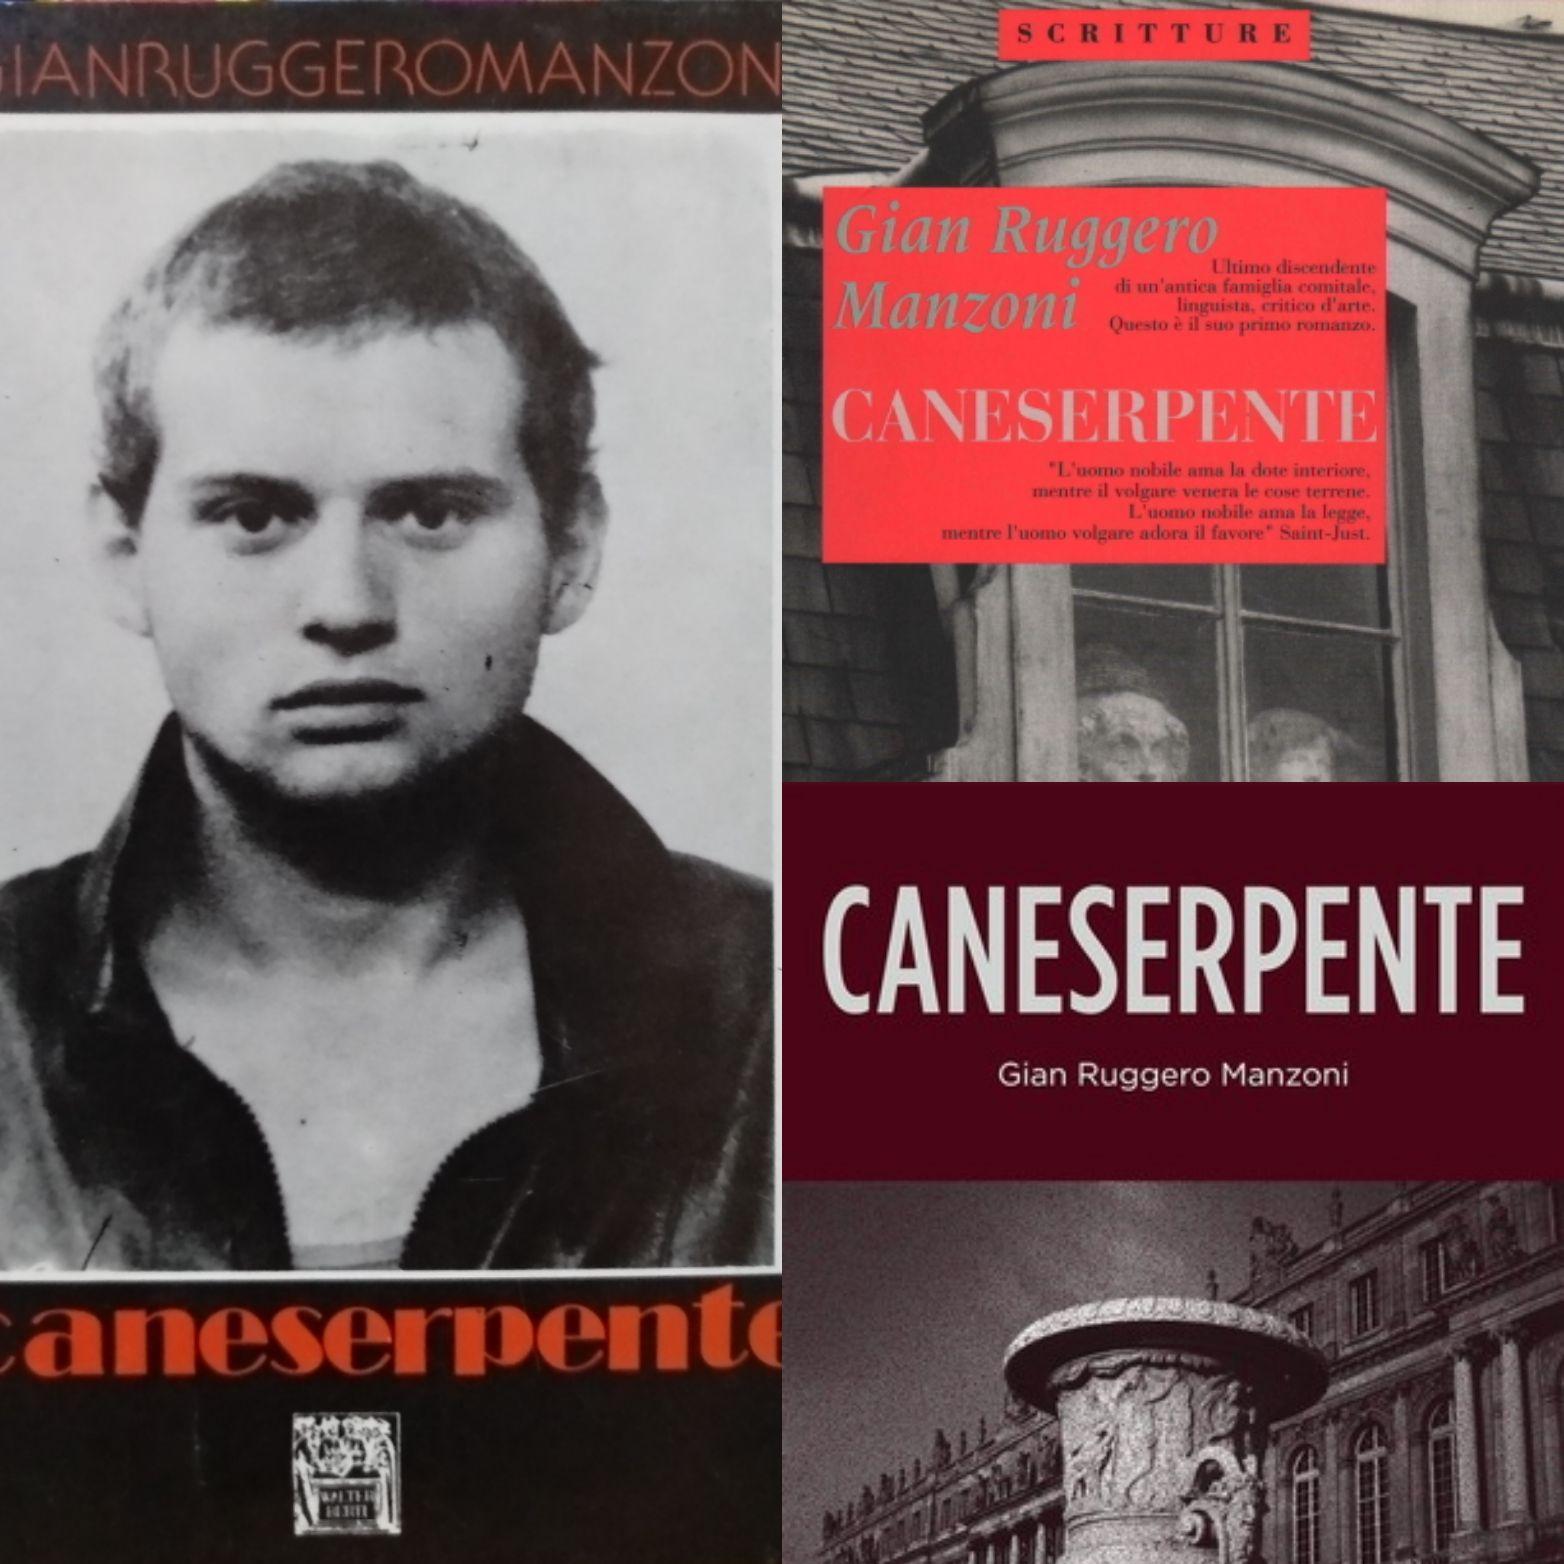 """""""Caneserpente"""" di Gian Ruggero Manzoni: lo strano caso di due libri diversi con lo stesso titolo!"""